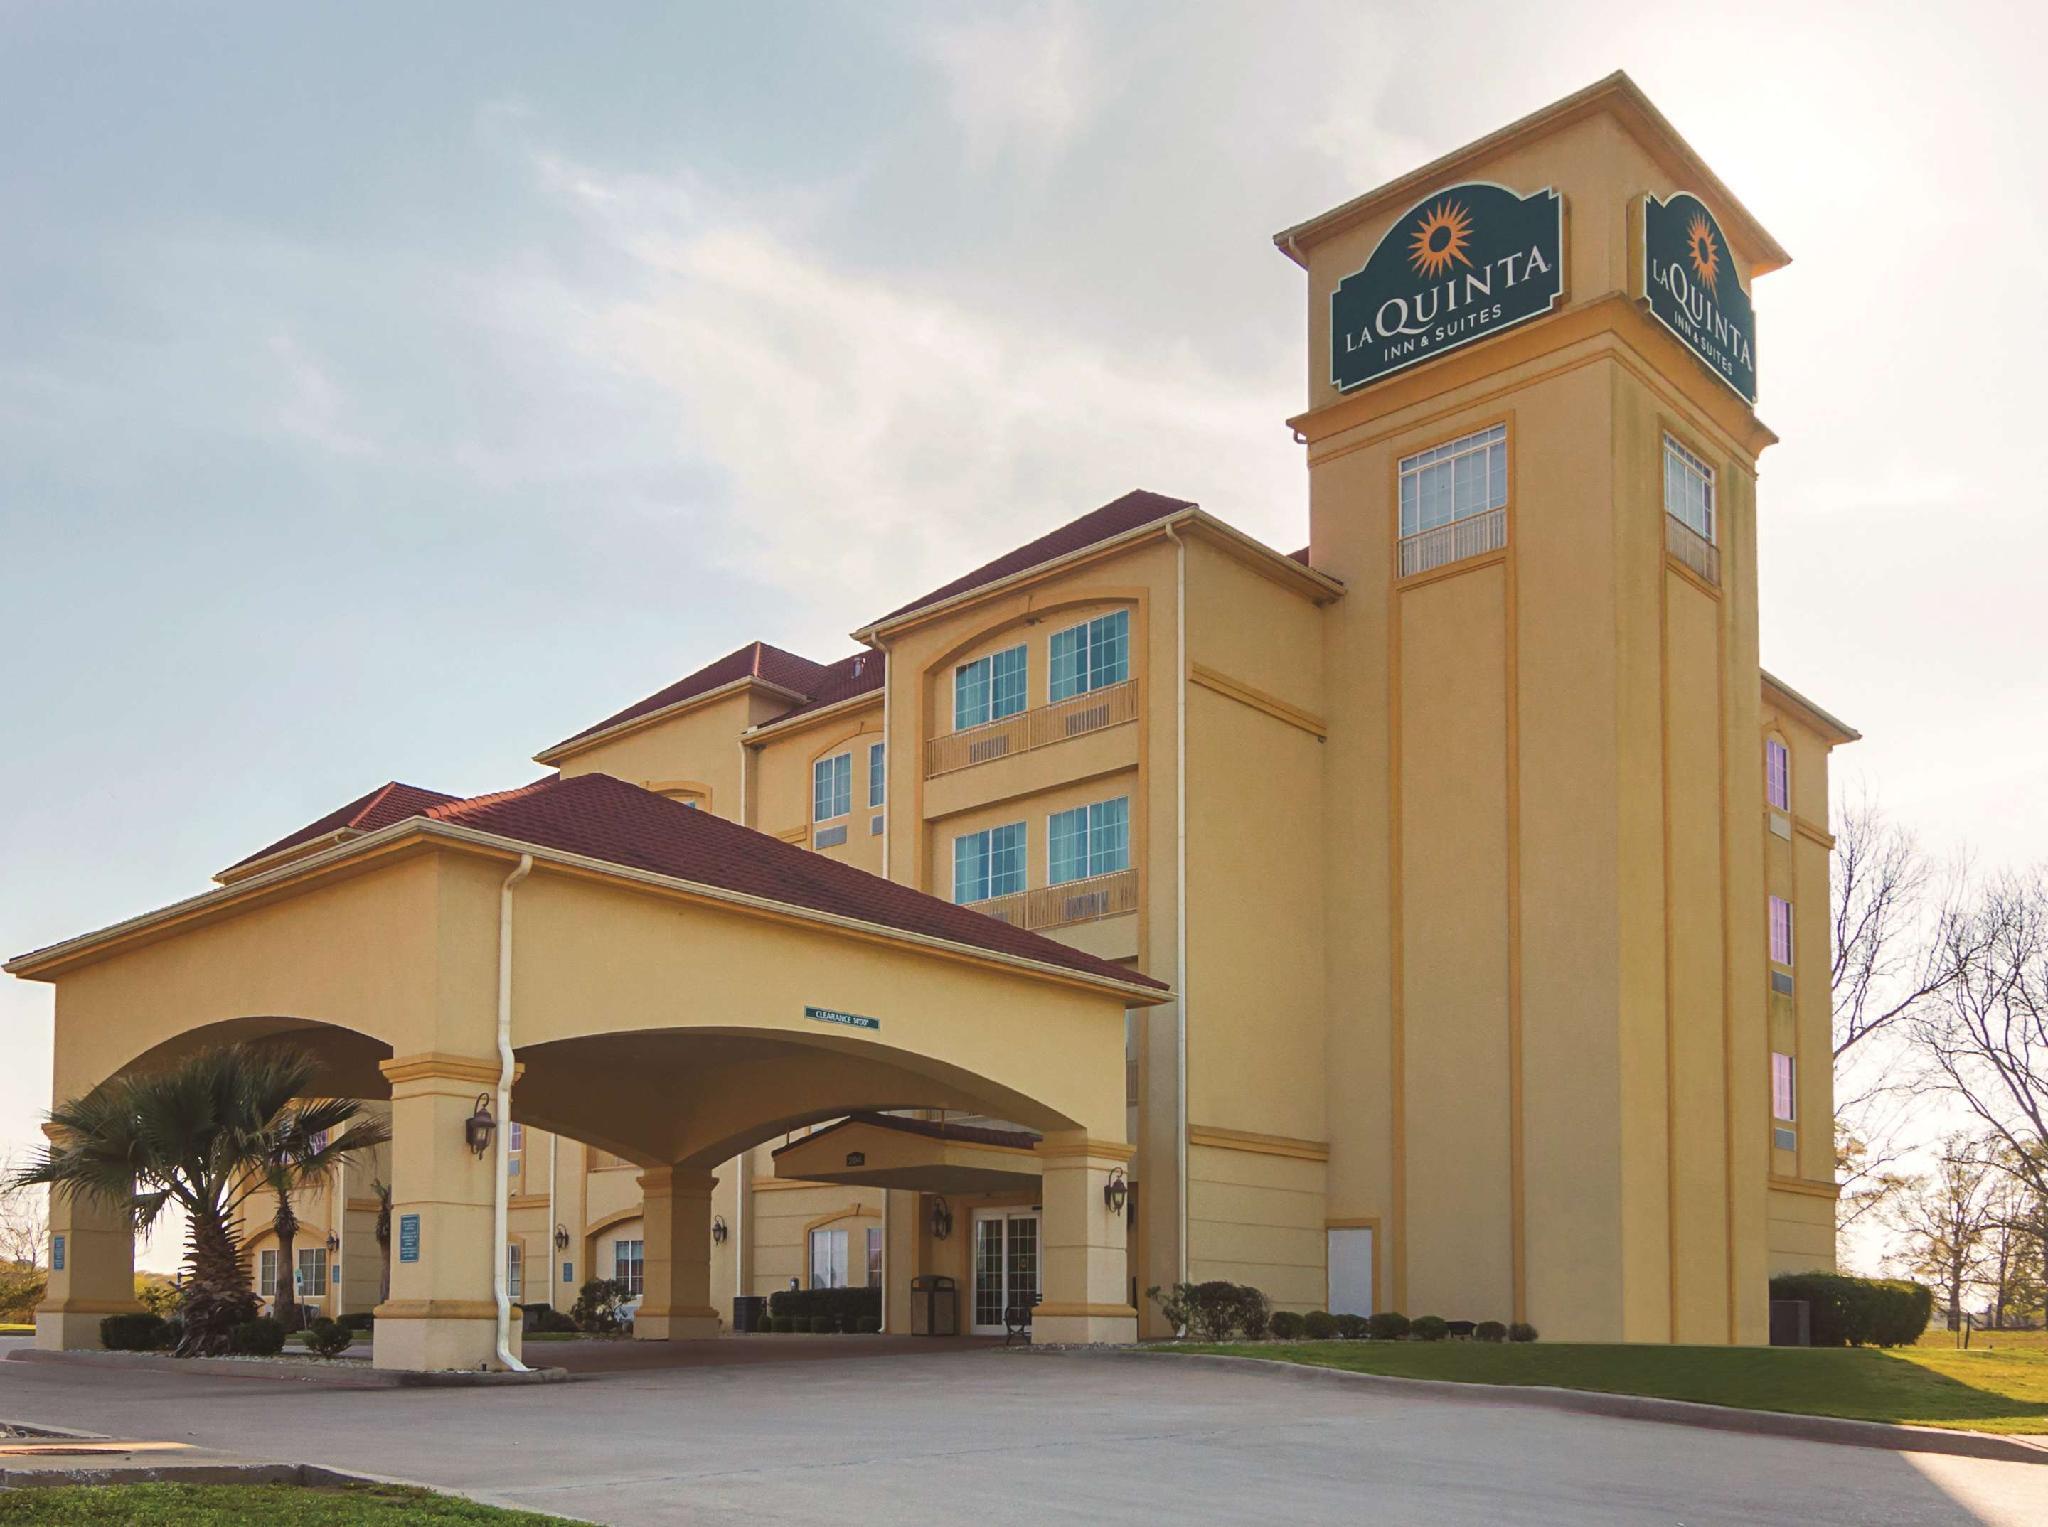 La Quinta Inn And Suites By Wyndham Lindale